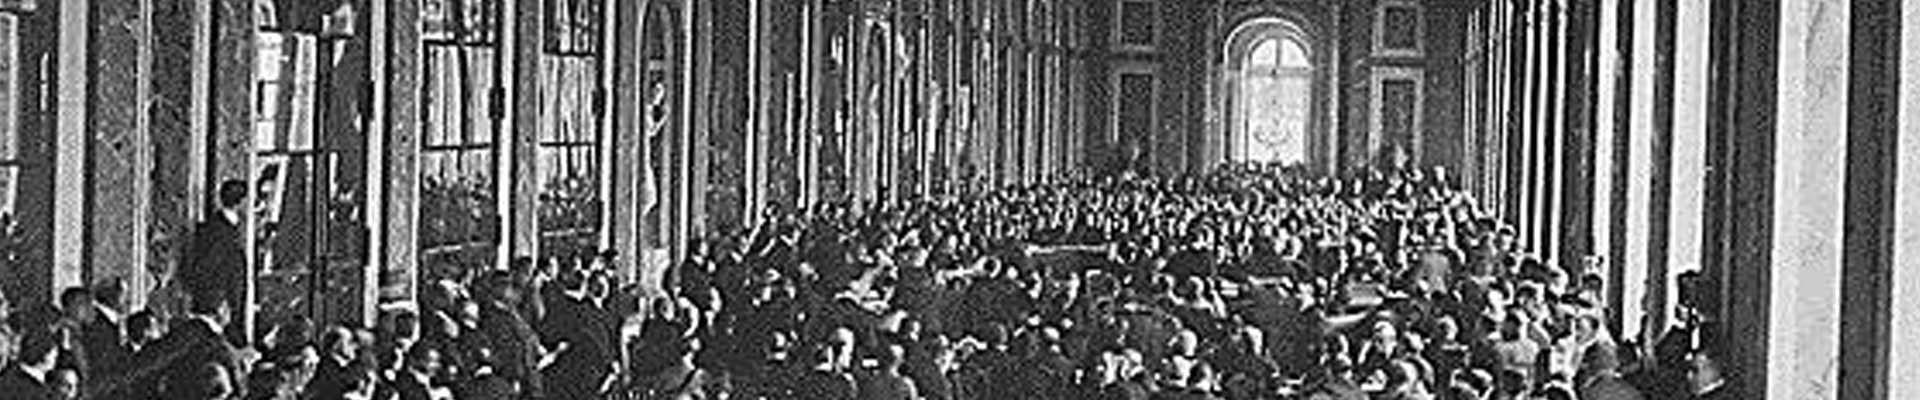 Le Traité de Versailles dans la Galerie des Glaces